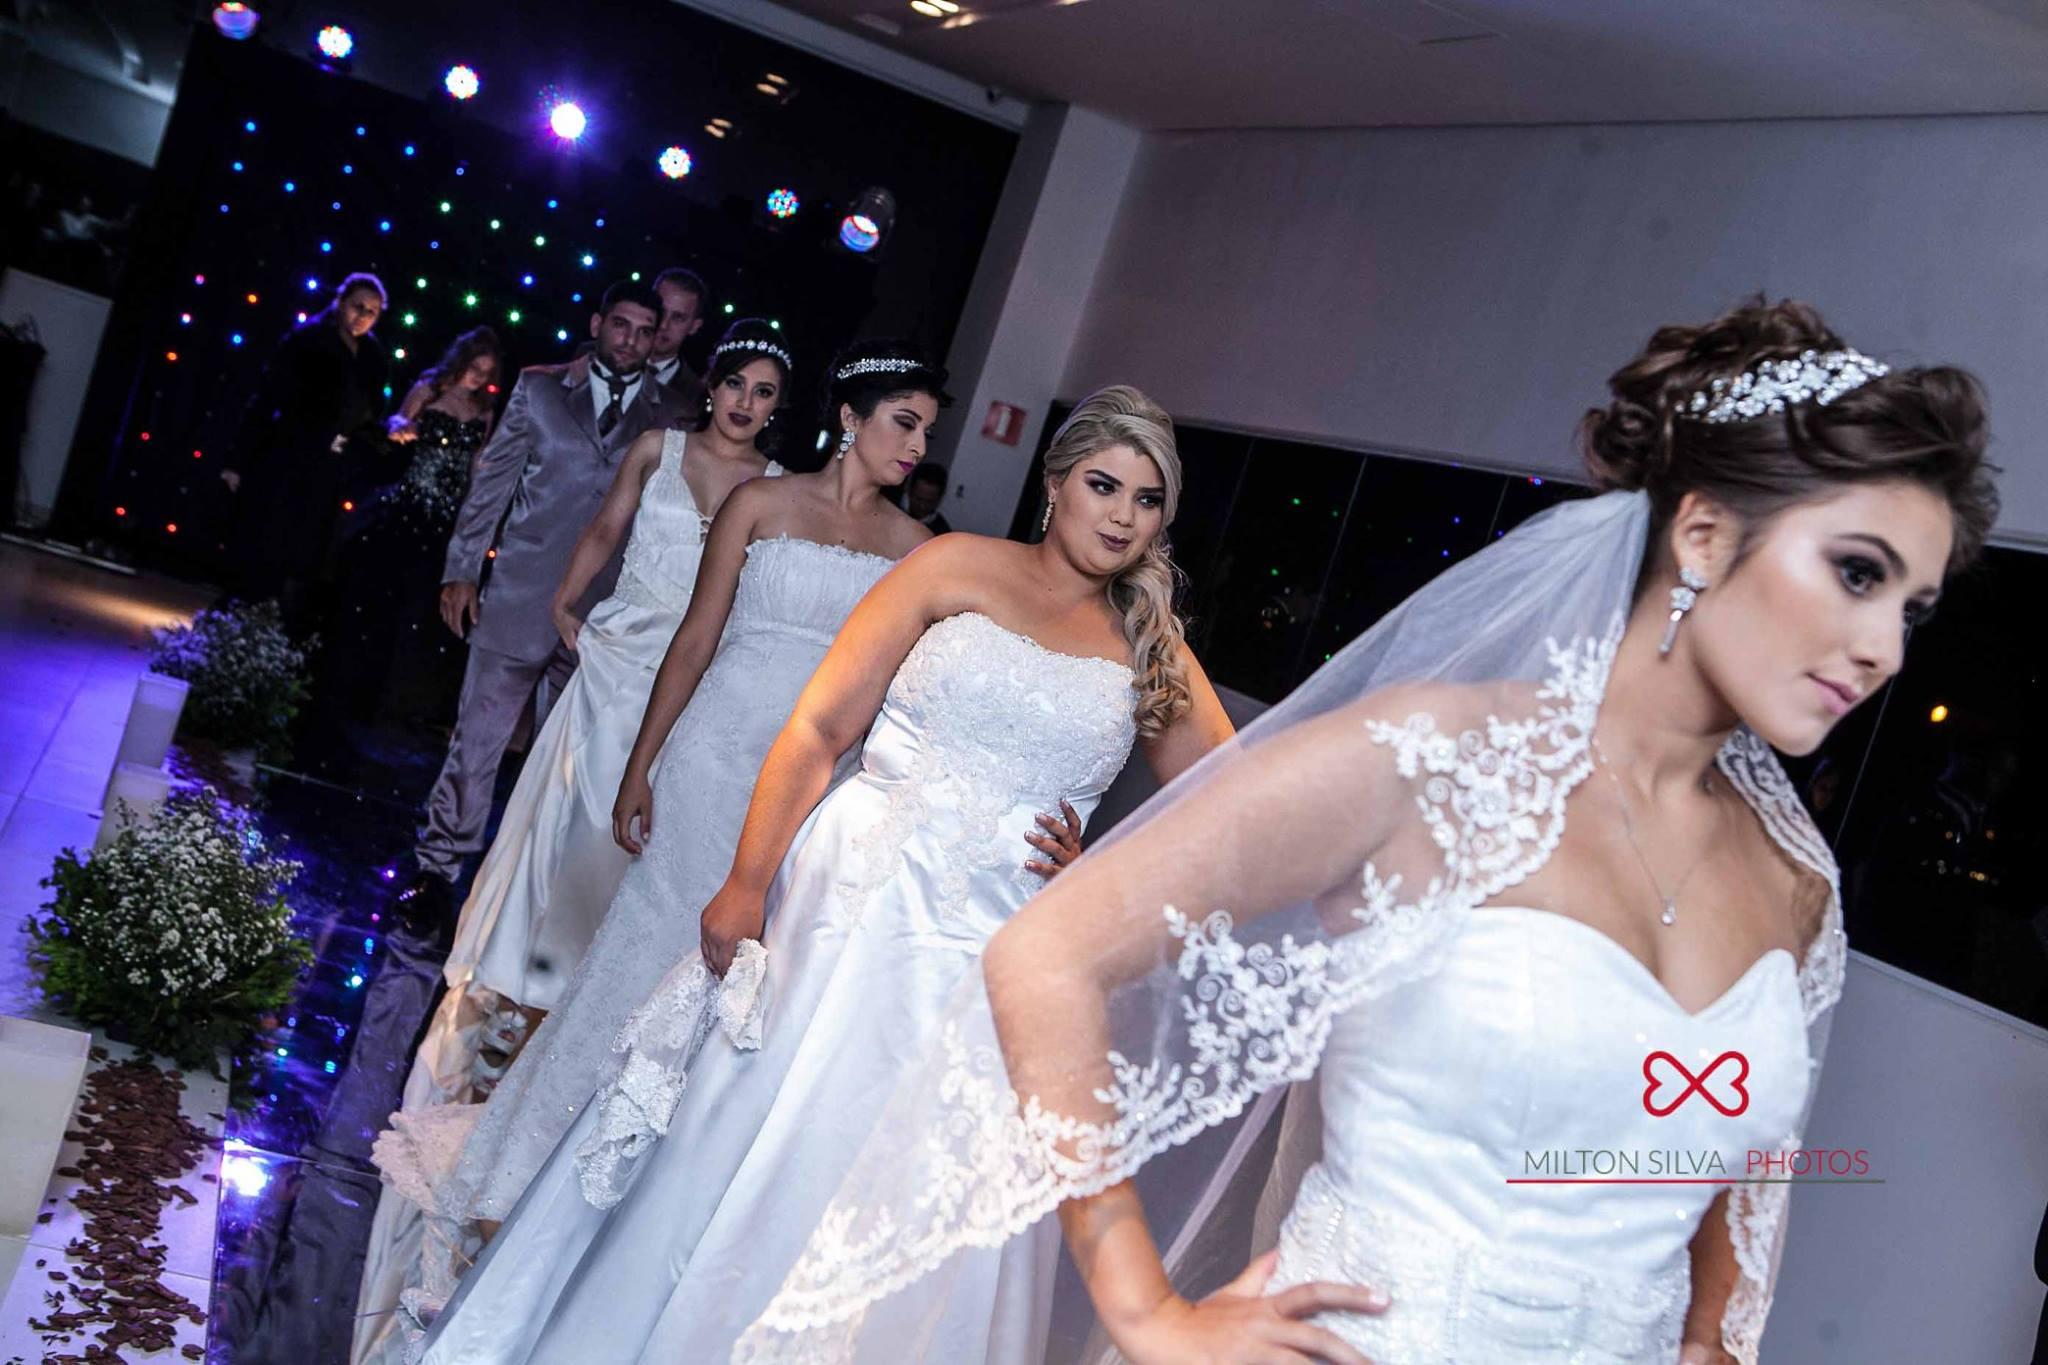 Desfile de noiva -Espaço Lounge 26,5